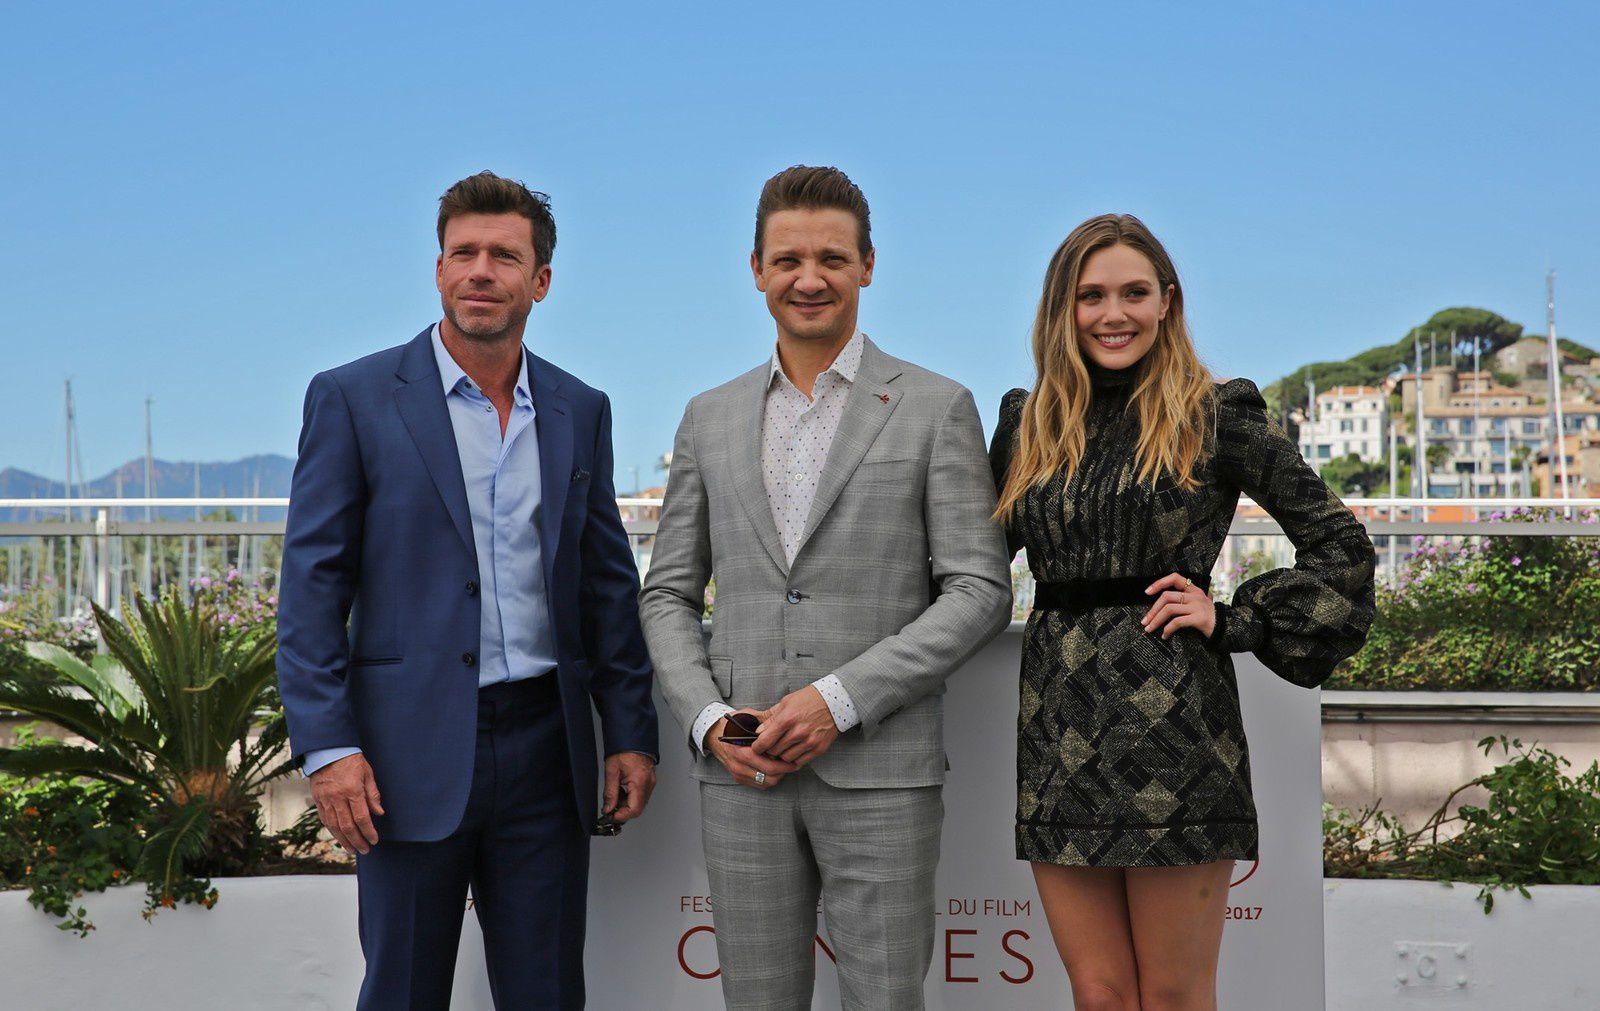 WIND RIVER avec JEREMY RENNER et ELIZABETH OLSEN - Les photos de Cannes